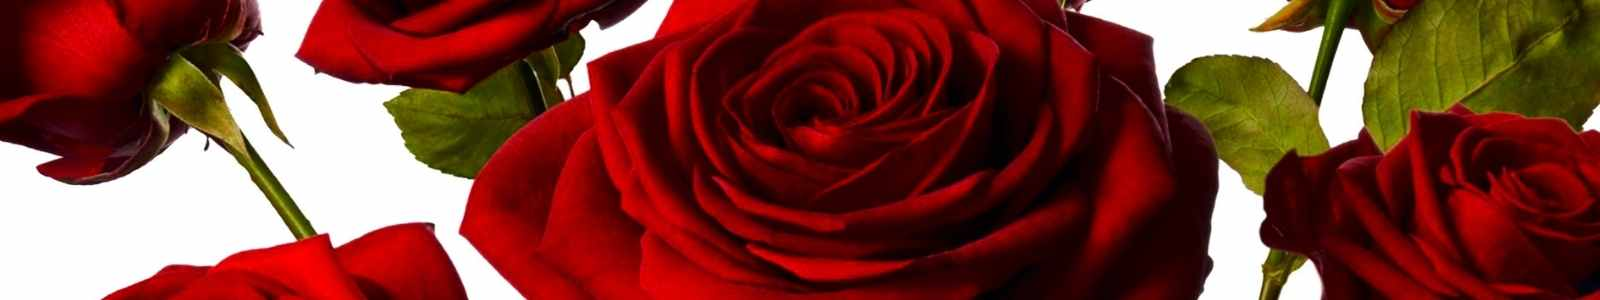 Mr Roses's banner